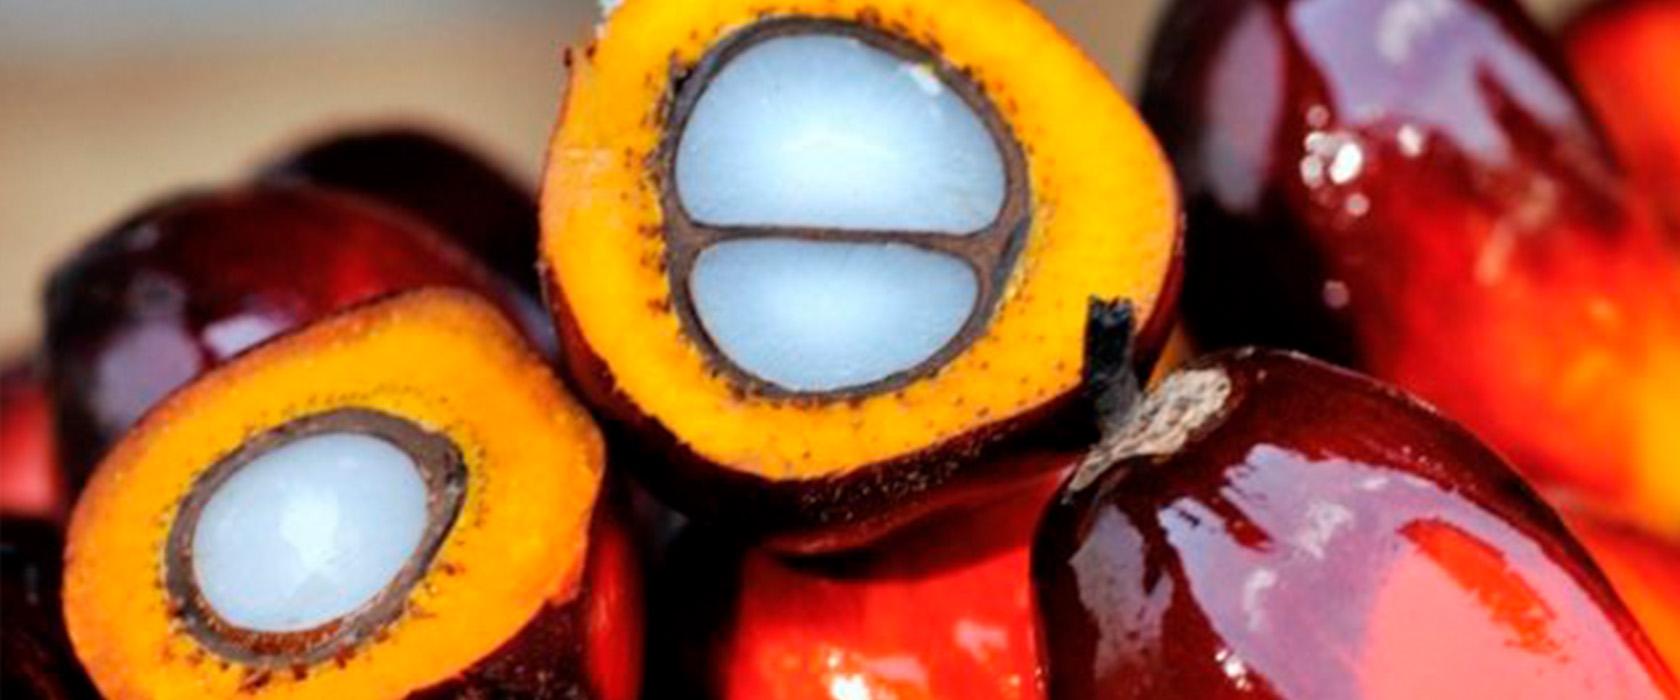 Как выглядит пальмовое масло